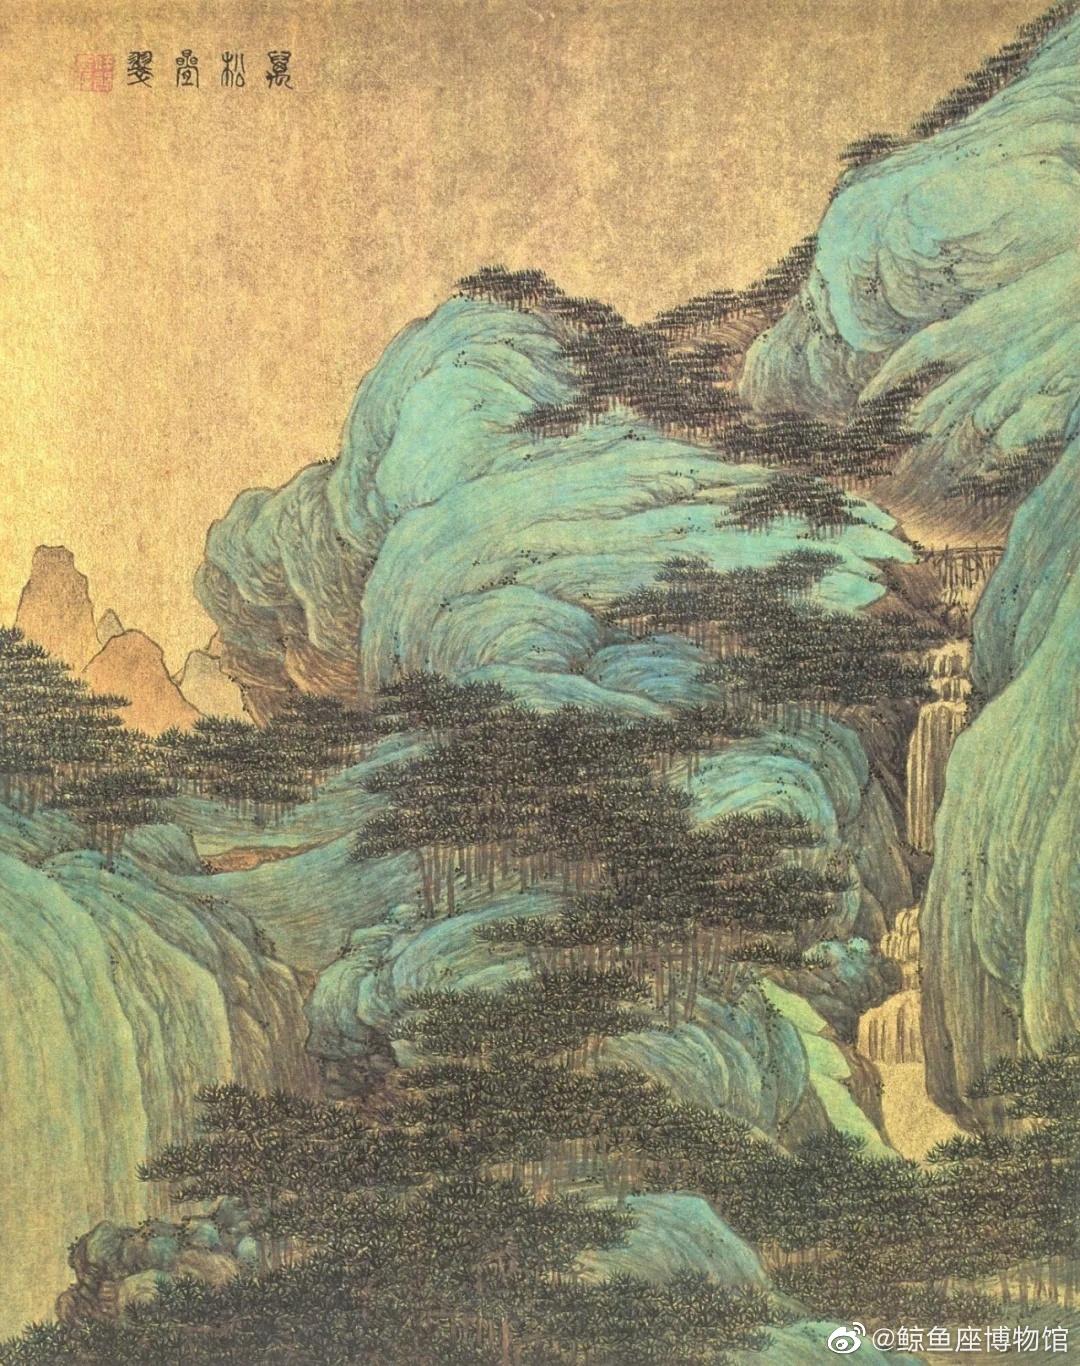 最爱青绿山水设色———清 · 任熊《十万图》册此册是任熊的传世名作